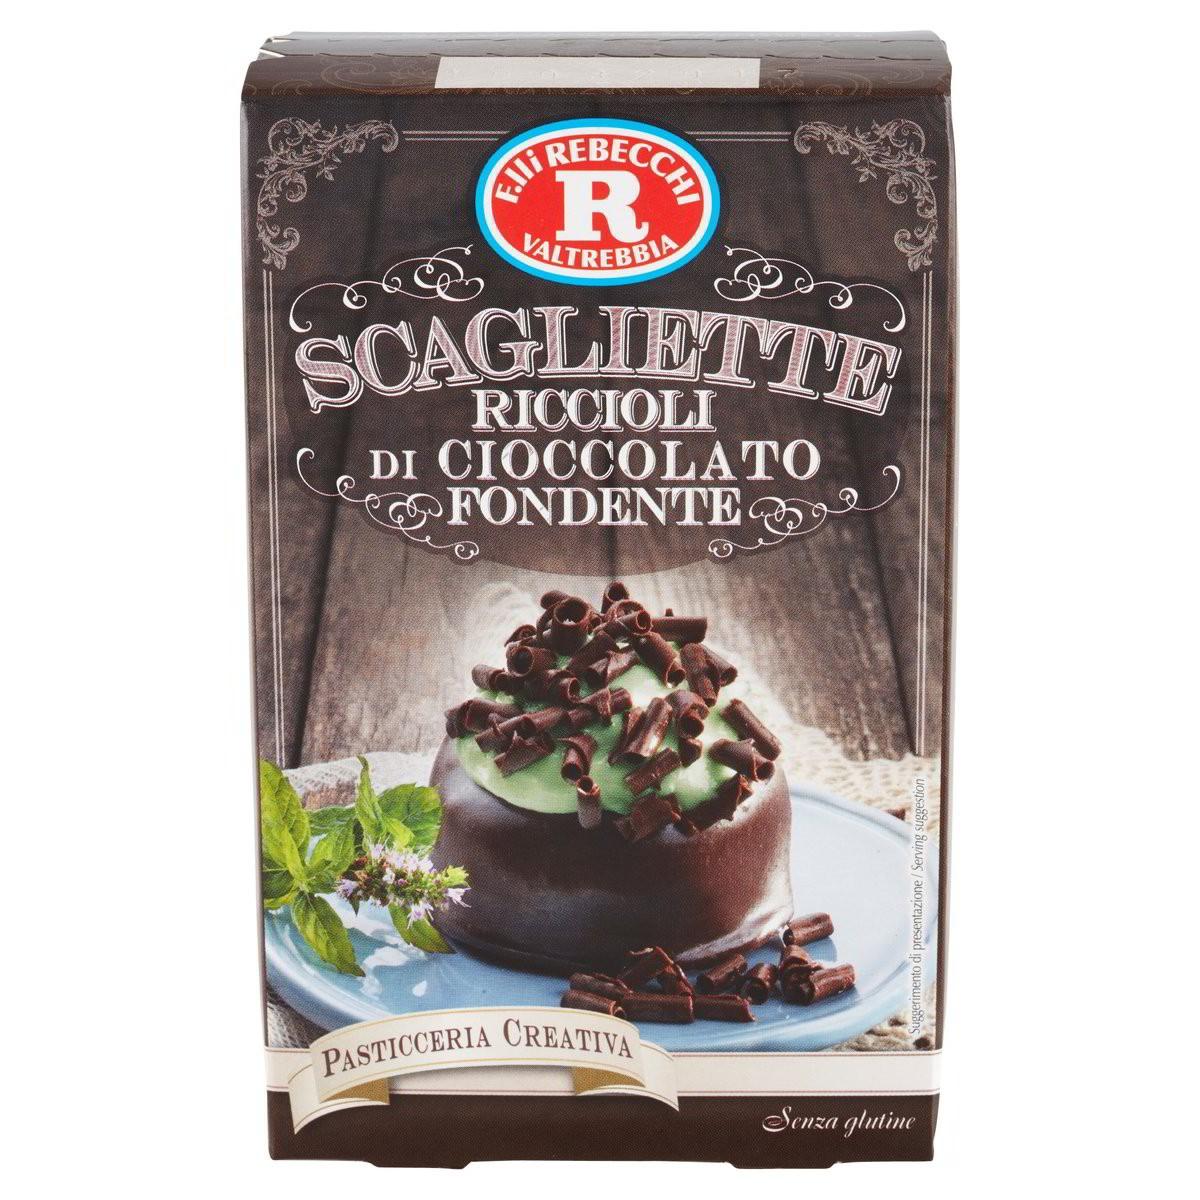 Rebecchi Scagliette di cioccolato fondente